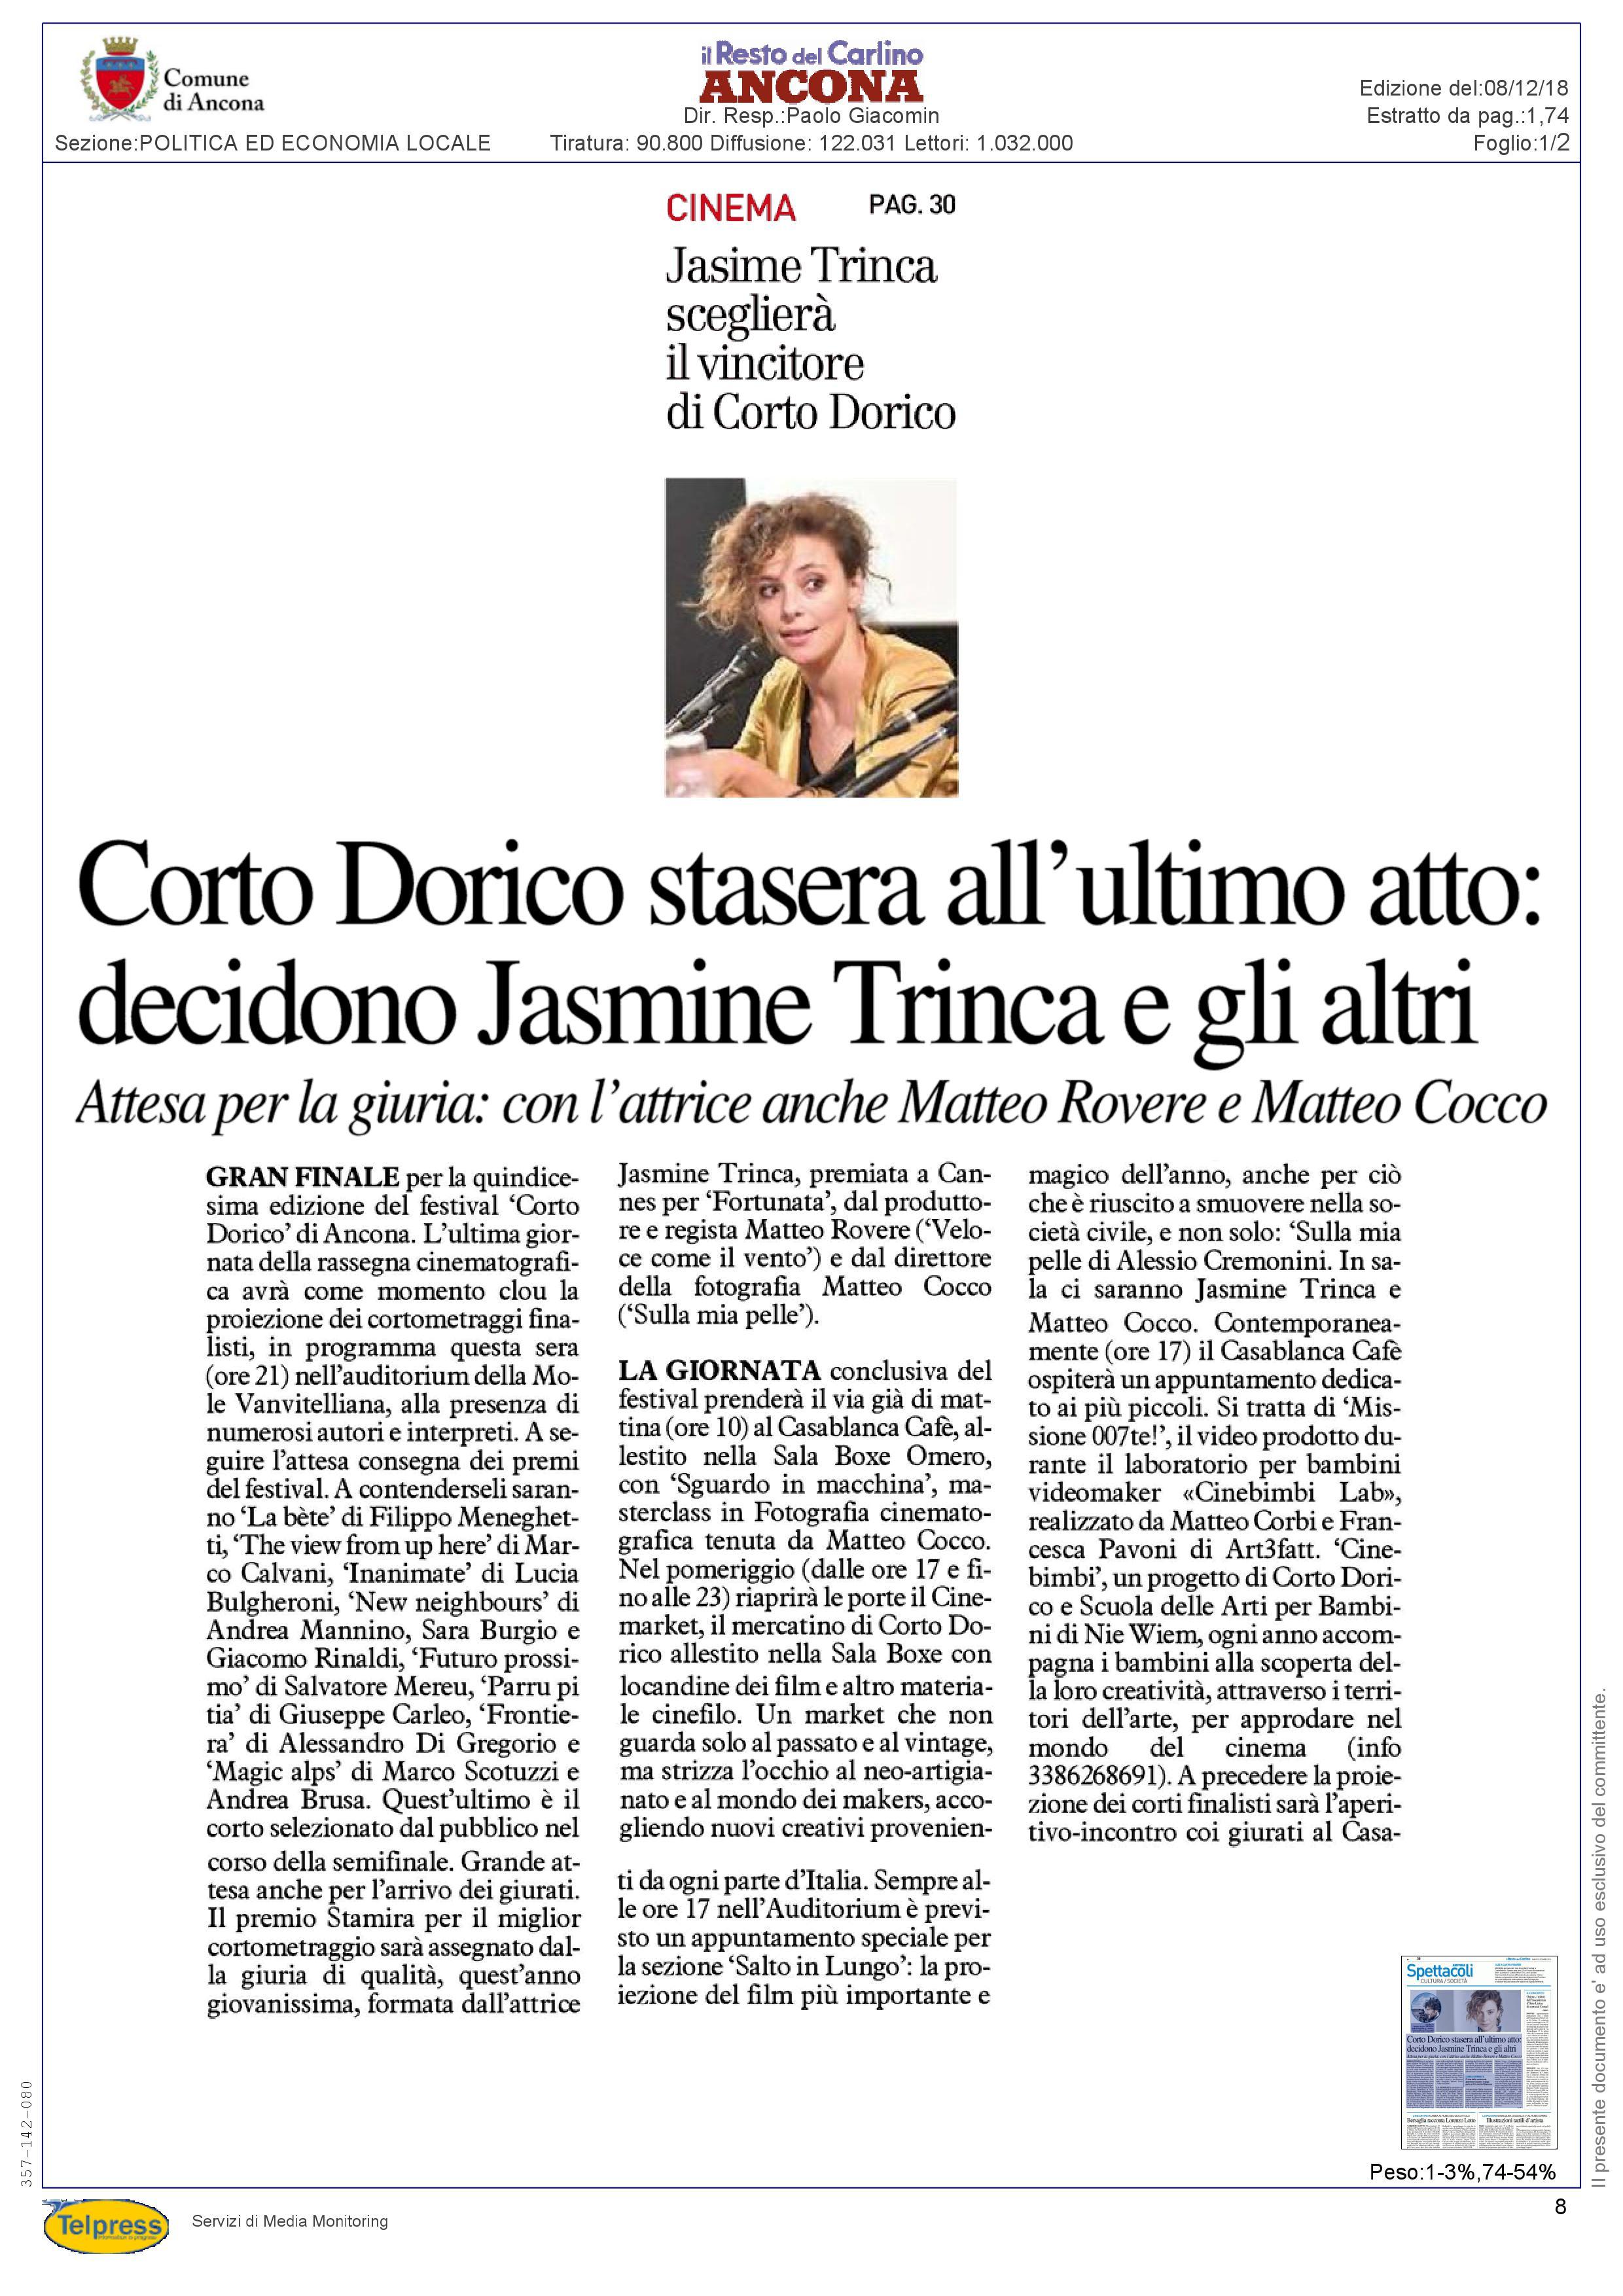 8-12-18 Il Resto del Carlino (Ancona) pag 1